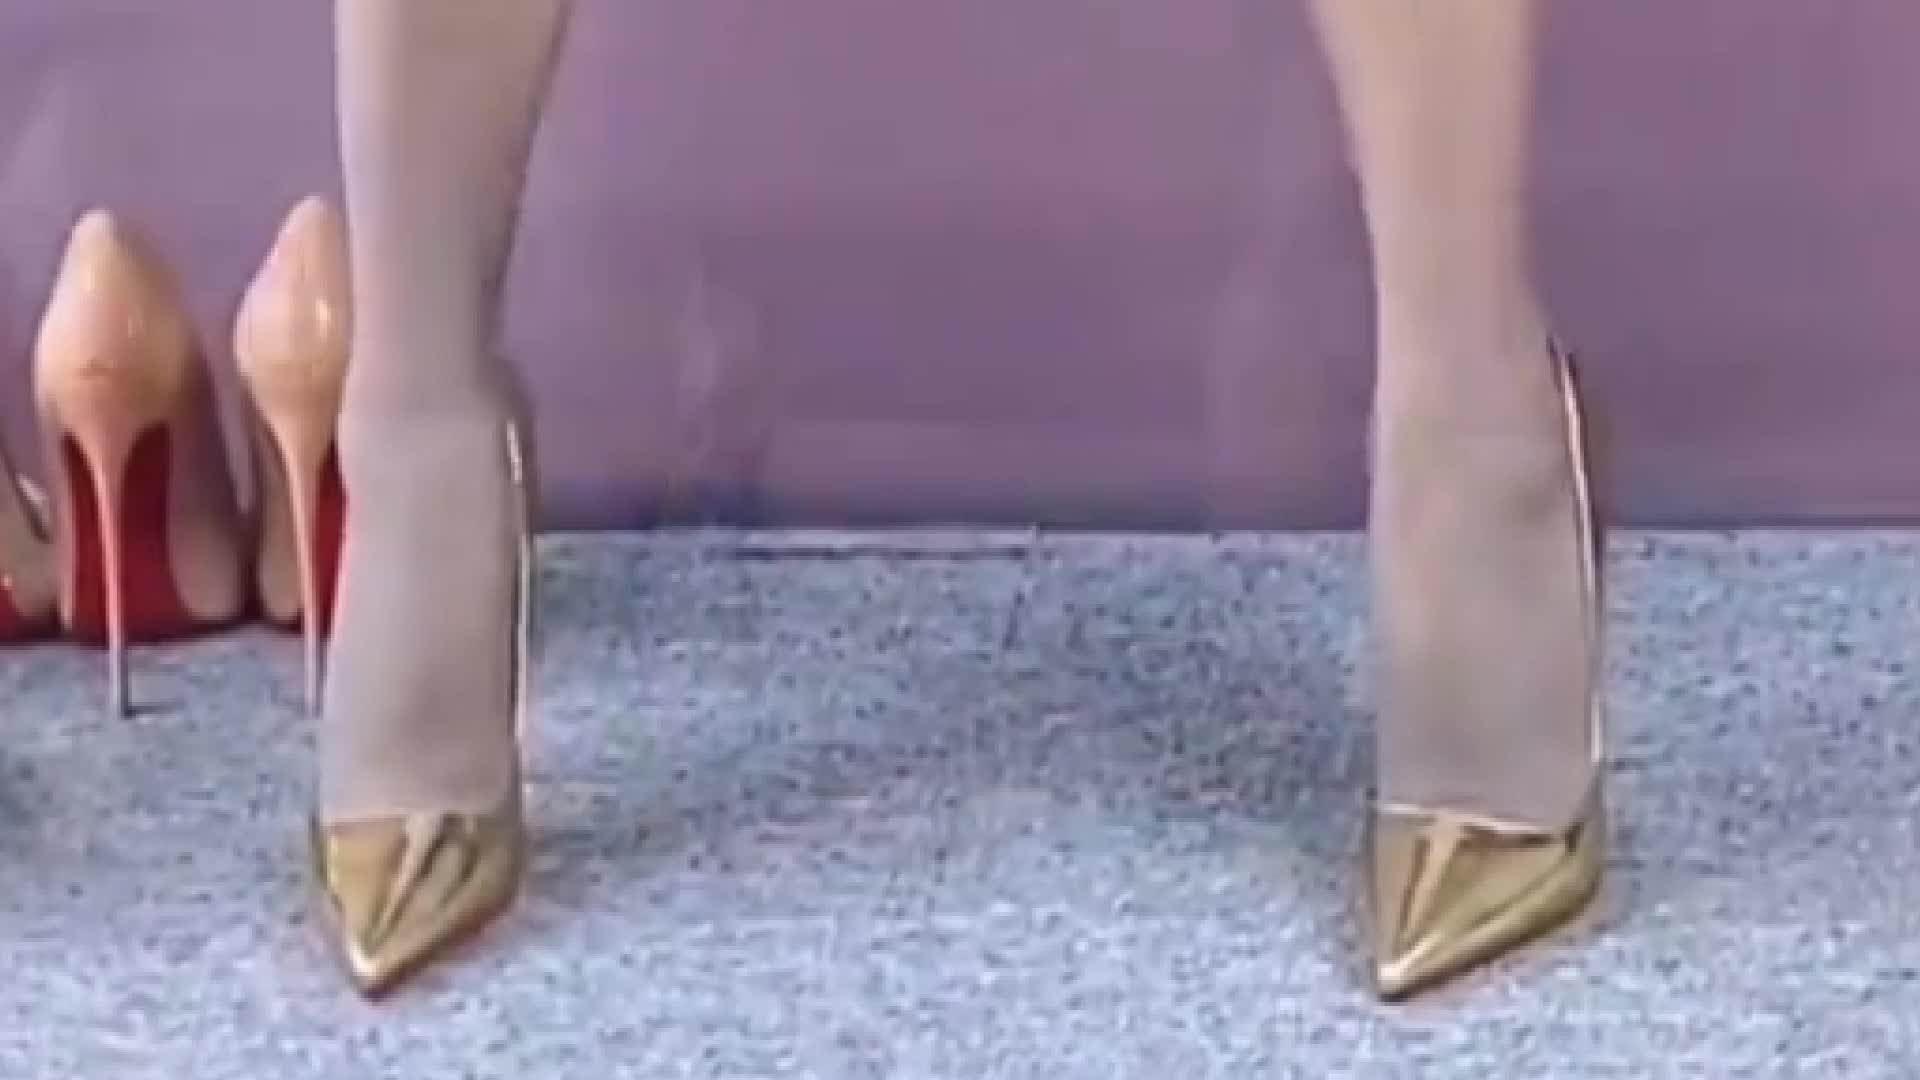 美女穿搭:金色红底尖头细高跟鞋,跟高12厘米